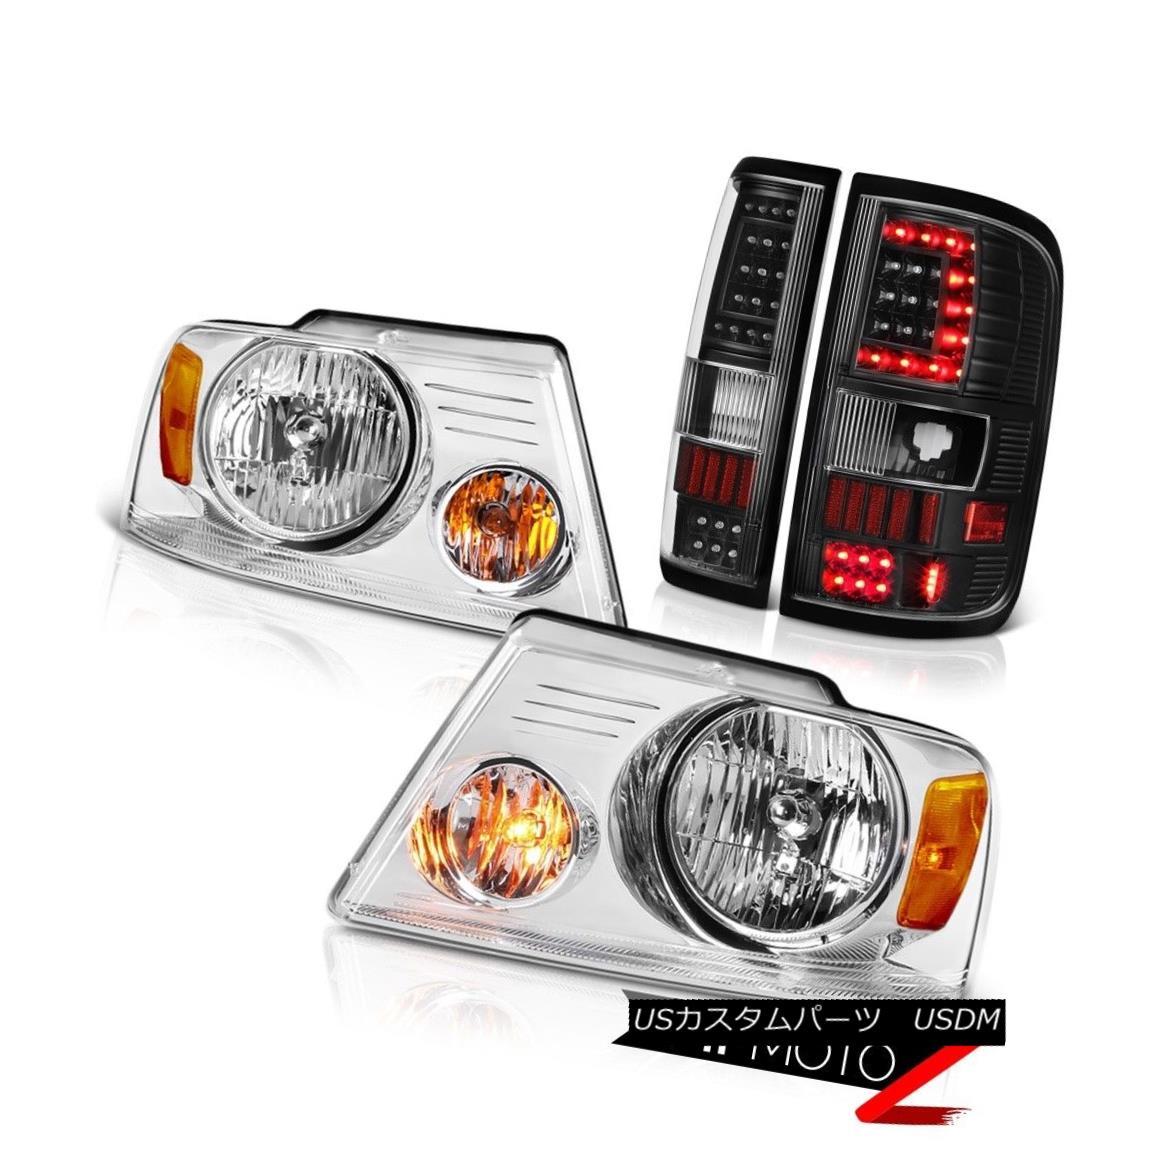 ヘッドライト 04-08 Ford F150 F-150 Matte Black Fiber Optic Tail Lamp Clear Chrome Head L+R 04-08 Ford F150 F-150マットブラック光ファイバーテールランプクリアクロームヘッドL + R